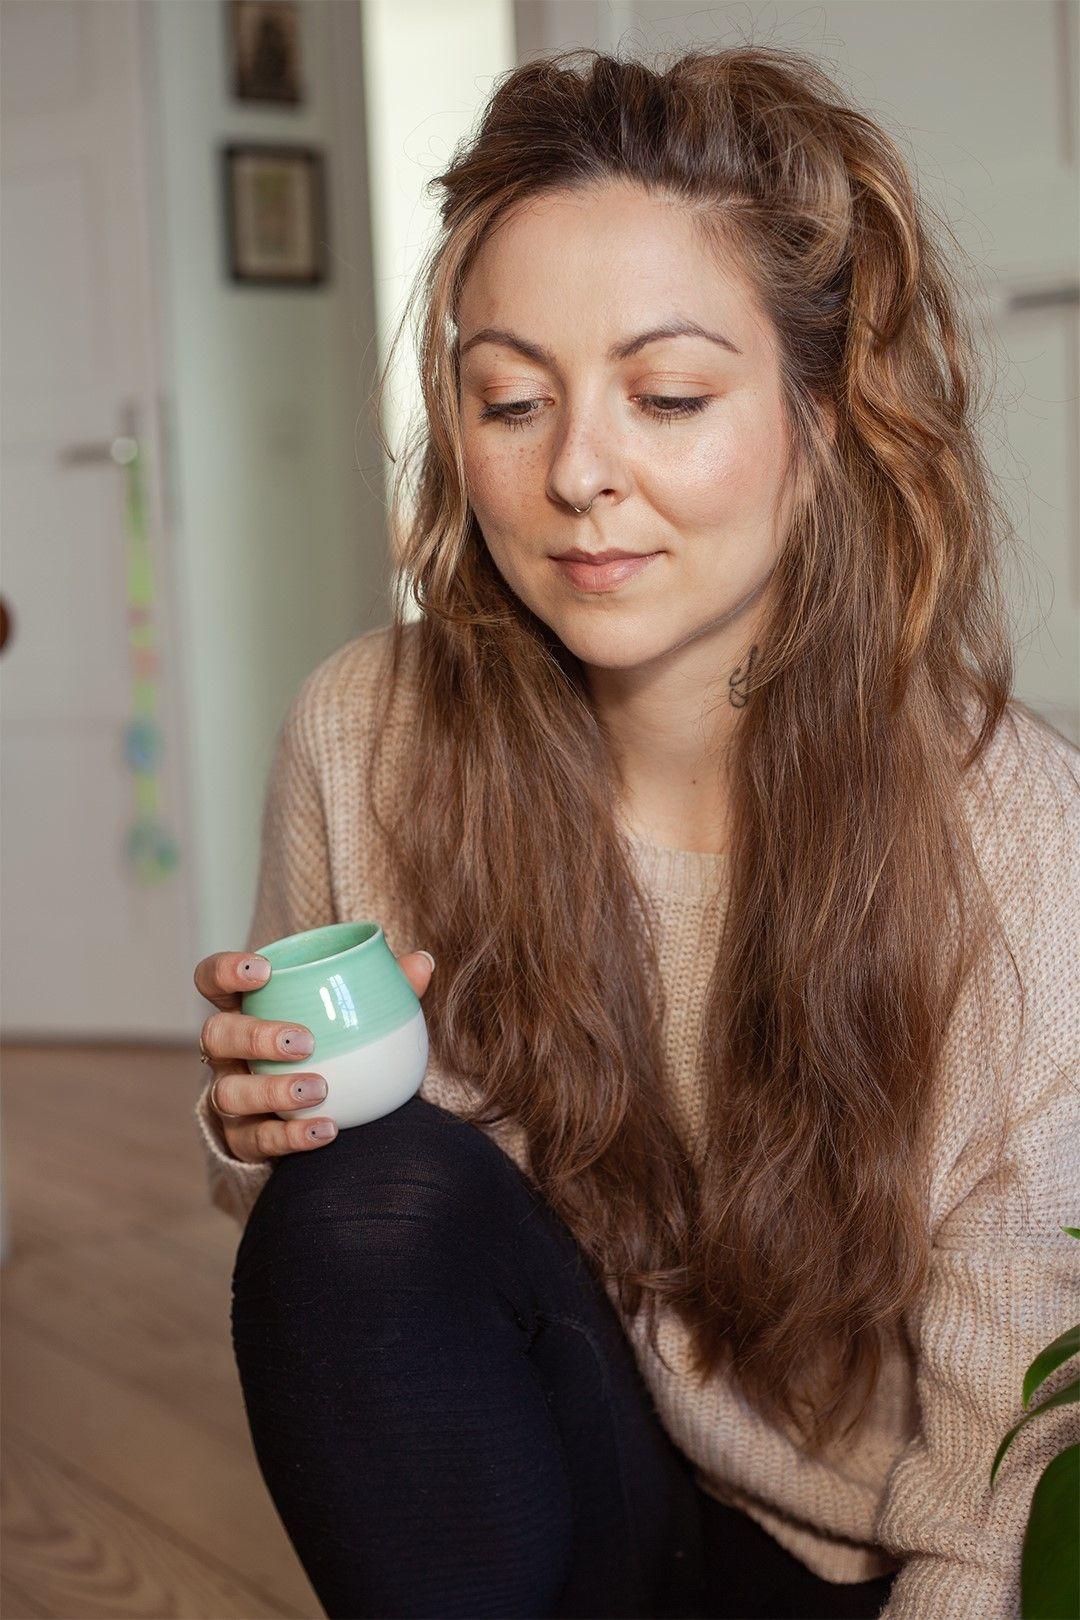 Gesundes Frühstück: Mit 30 Ideen fit, gesund und lecker in den Tag starten #spinatlasagne